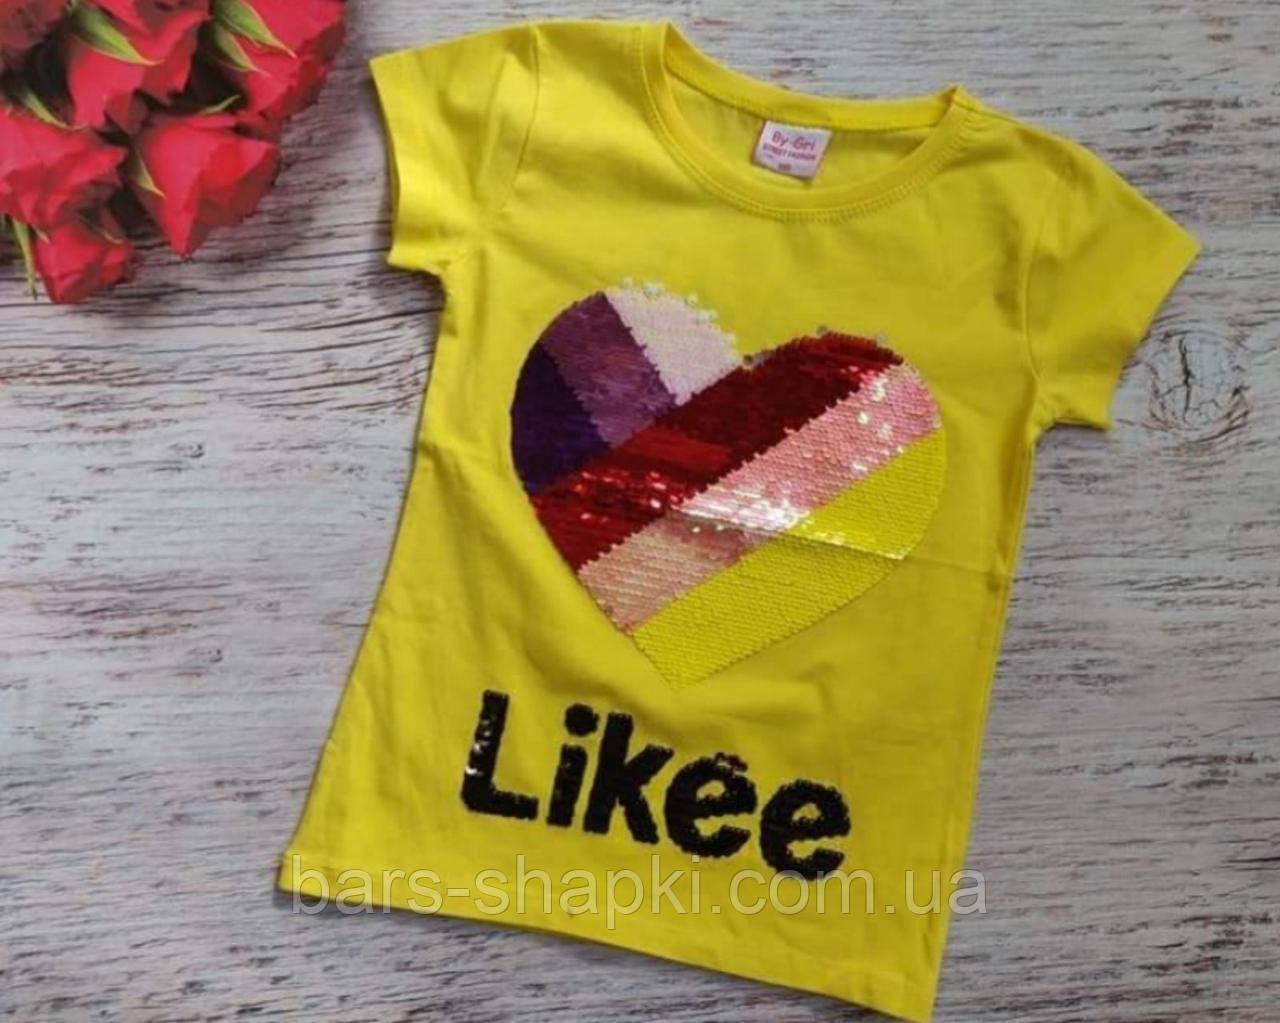 Футболка детская лайк Likee  Р 110 Турция (цвет жёлтый)